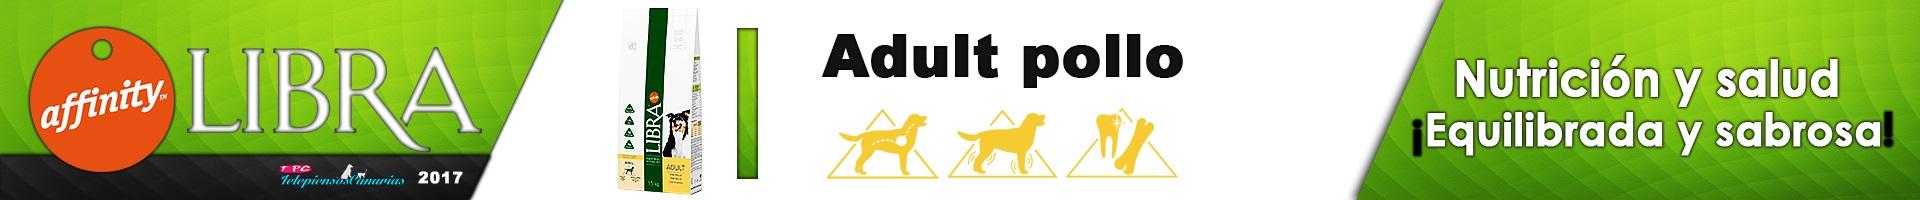 Libra adult pollo alimentación completa y nutritiva para perros